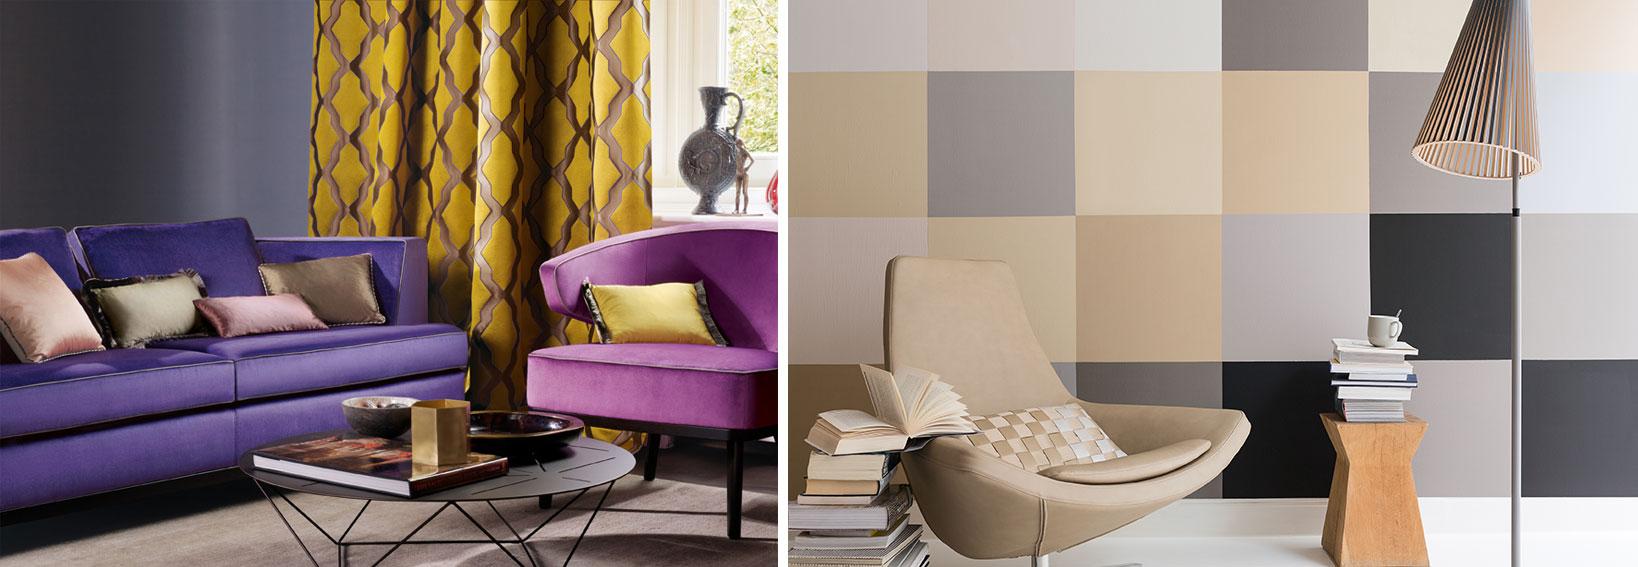 Два контрастных цвета в дизайне интерьера